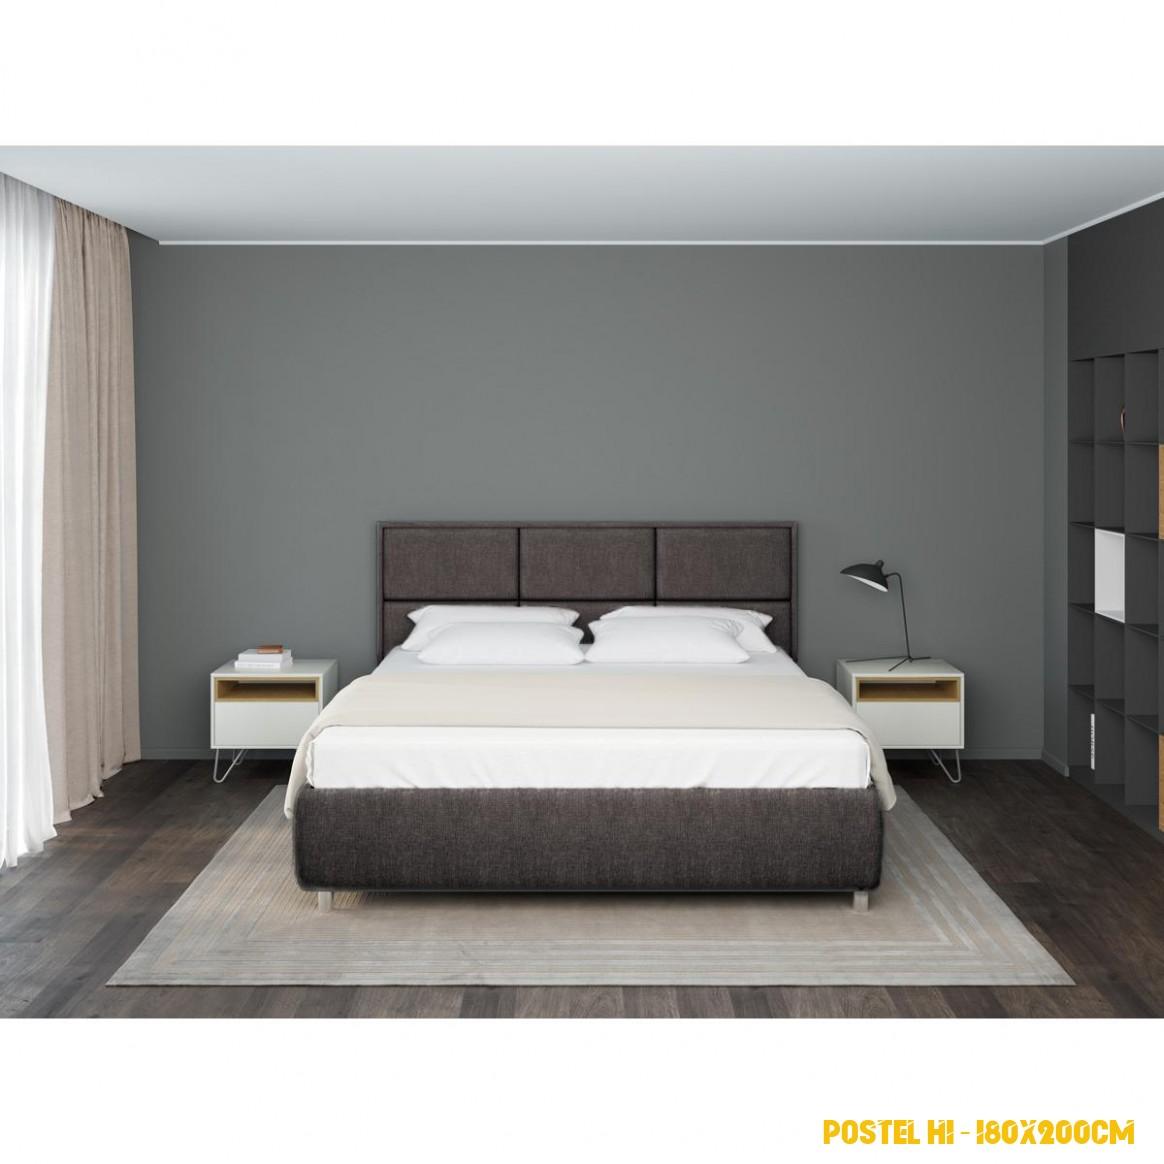 Čalouněná postel Aurora Frame Lift 4x4 cm v barvě Bahama Graphite    www.prospanek.cz